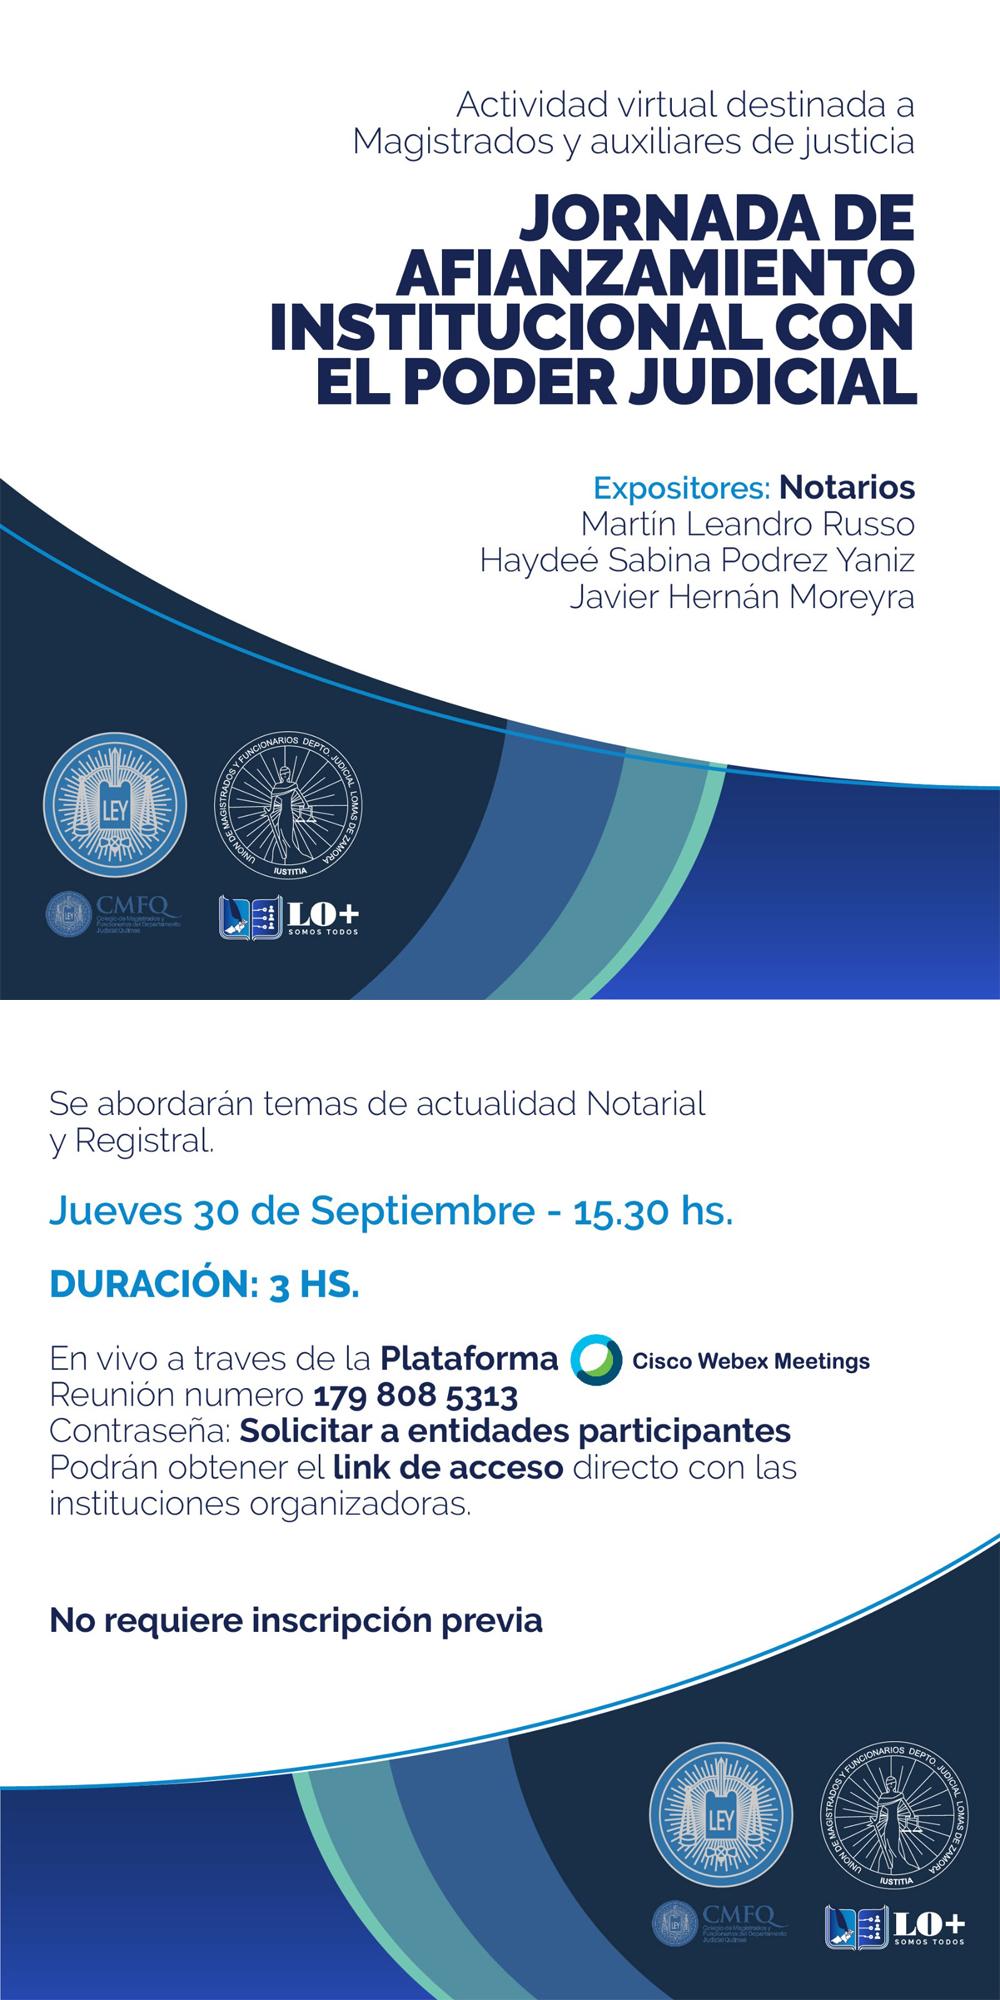 JORNADA GRATUITA DE AFIANZAMIENTO INSTITUCIONAL CON EL PODER JUDICIAL